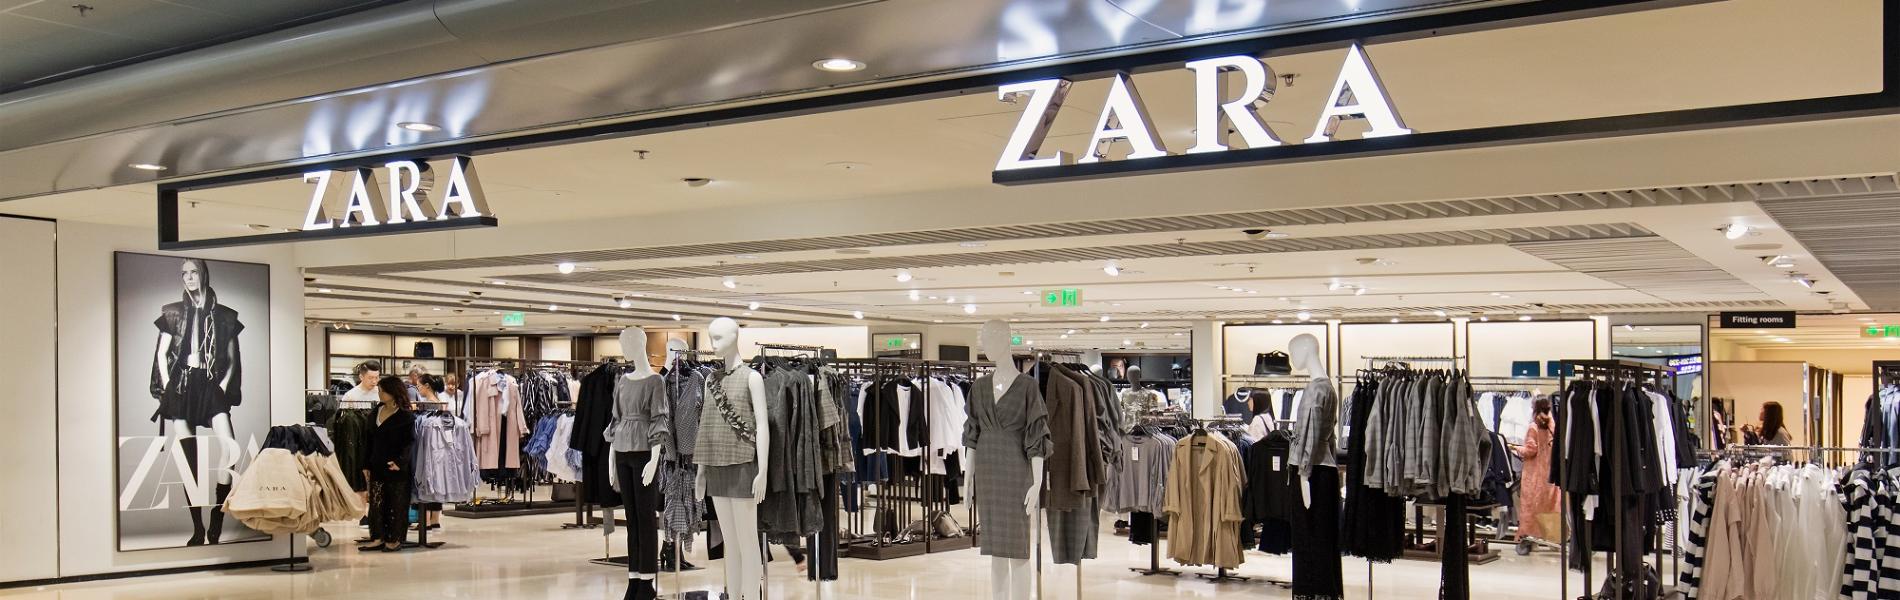 כך מצליחה ענקית האופנה זארה לדלג מעל משבר הקמעונאות העולמי